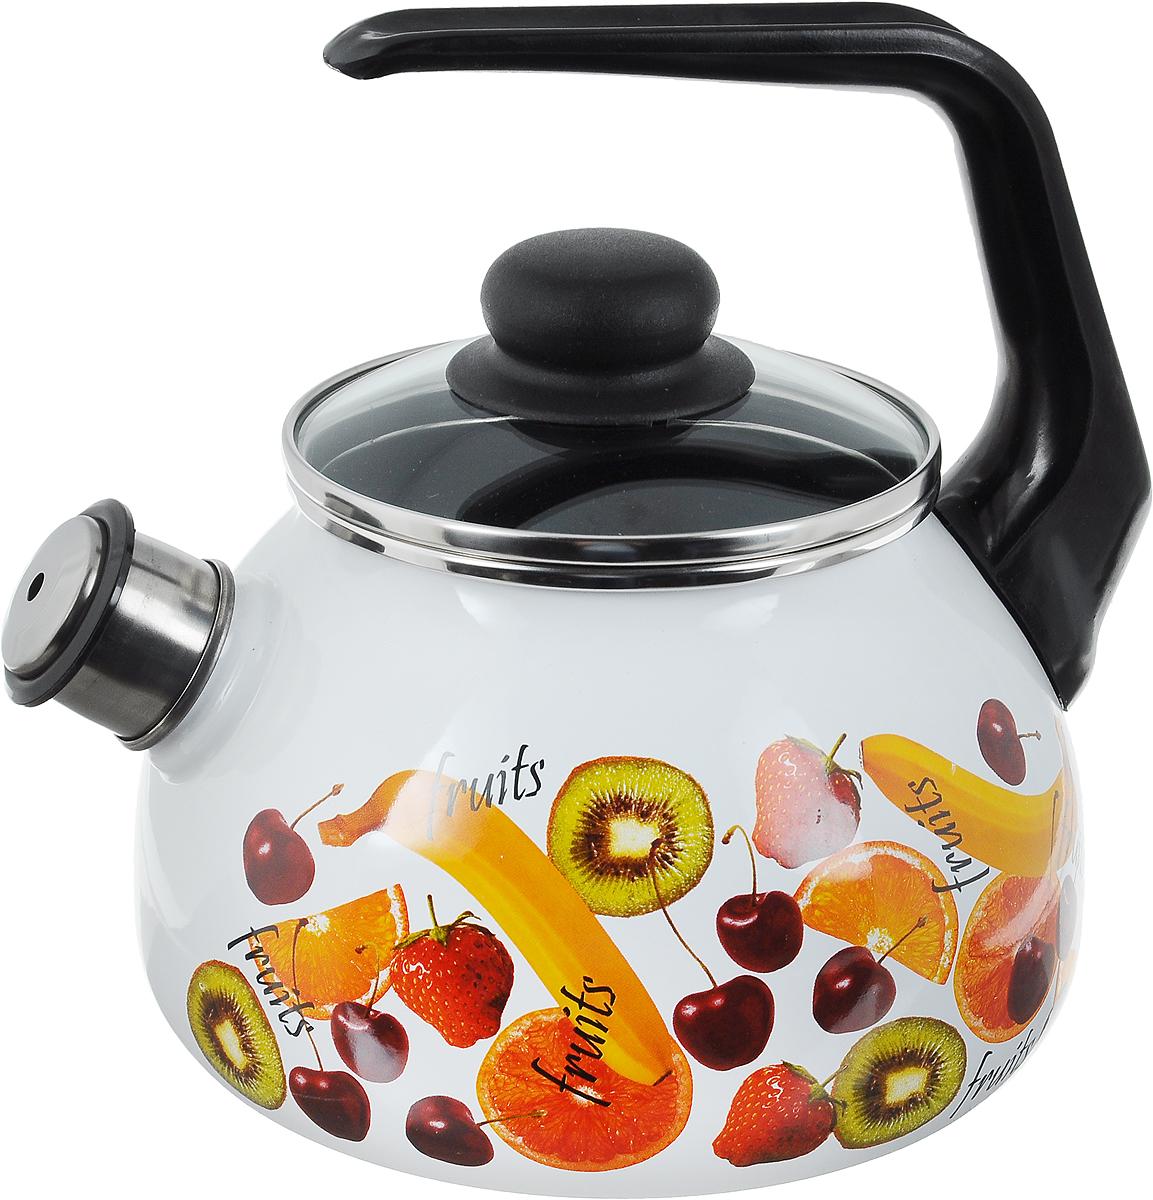 Чайник эмалированный Vitross Fruits, со свистком, 2 лVT-1520(SR)Чайник Vitross Fruits выполнен из высококачественной стали, что обеспечивает долговечность использования. Внешнее цветное эмалевое покрытие придает приятный внешний вид. Пластиковая фиксированная ручка делает использование чайника очень удобным и безопасным. Чайник снабжен съемным свистком.Можно мыть в посудомоечной машине. Пригоден для всех видов плит, включая индукционные.Диаметр чайника (по верхнему краю): 13 см.Высота чайника (без учета крышки и ручки): 21,5 см.Диаметр основания: 15 см.